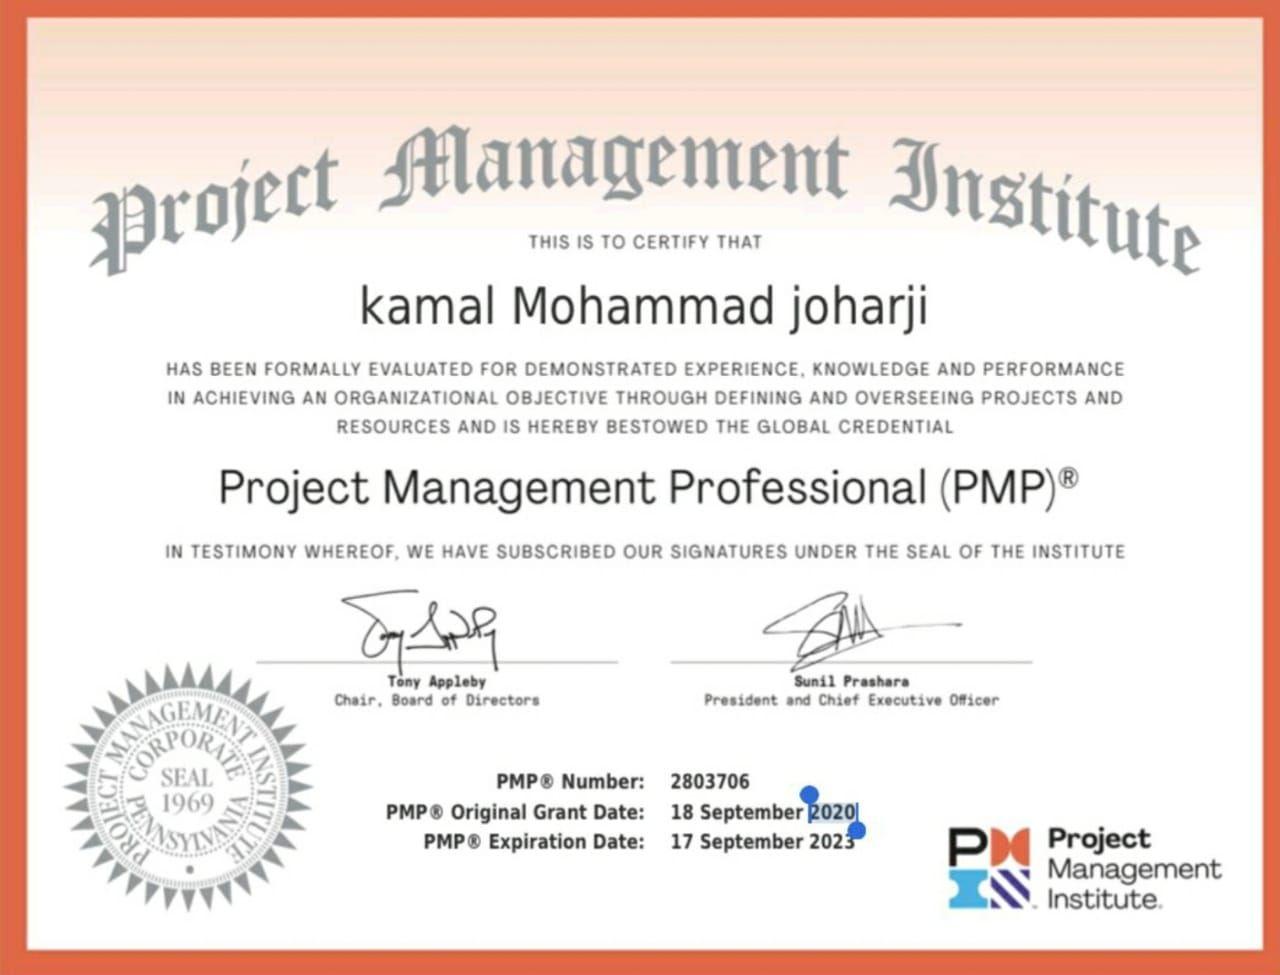 احمد جوهر Ahmad S Johar On Twitter Project Management Professional Project Management Knowledge